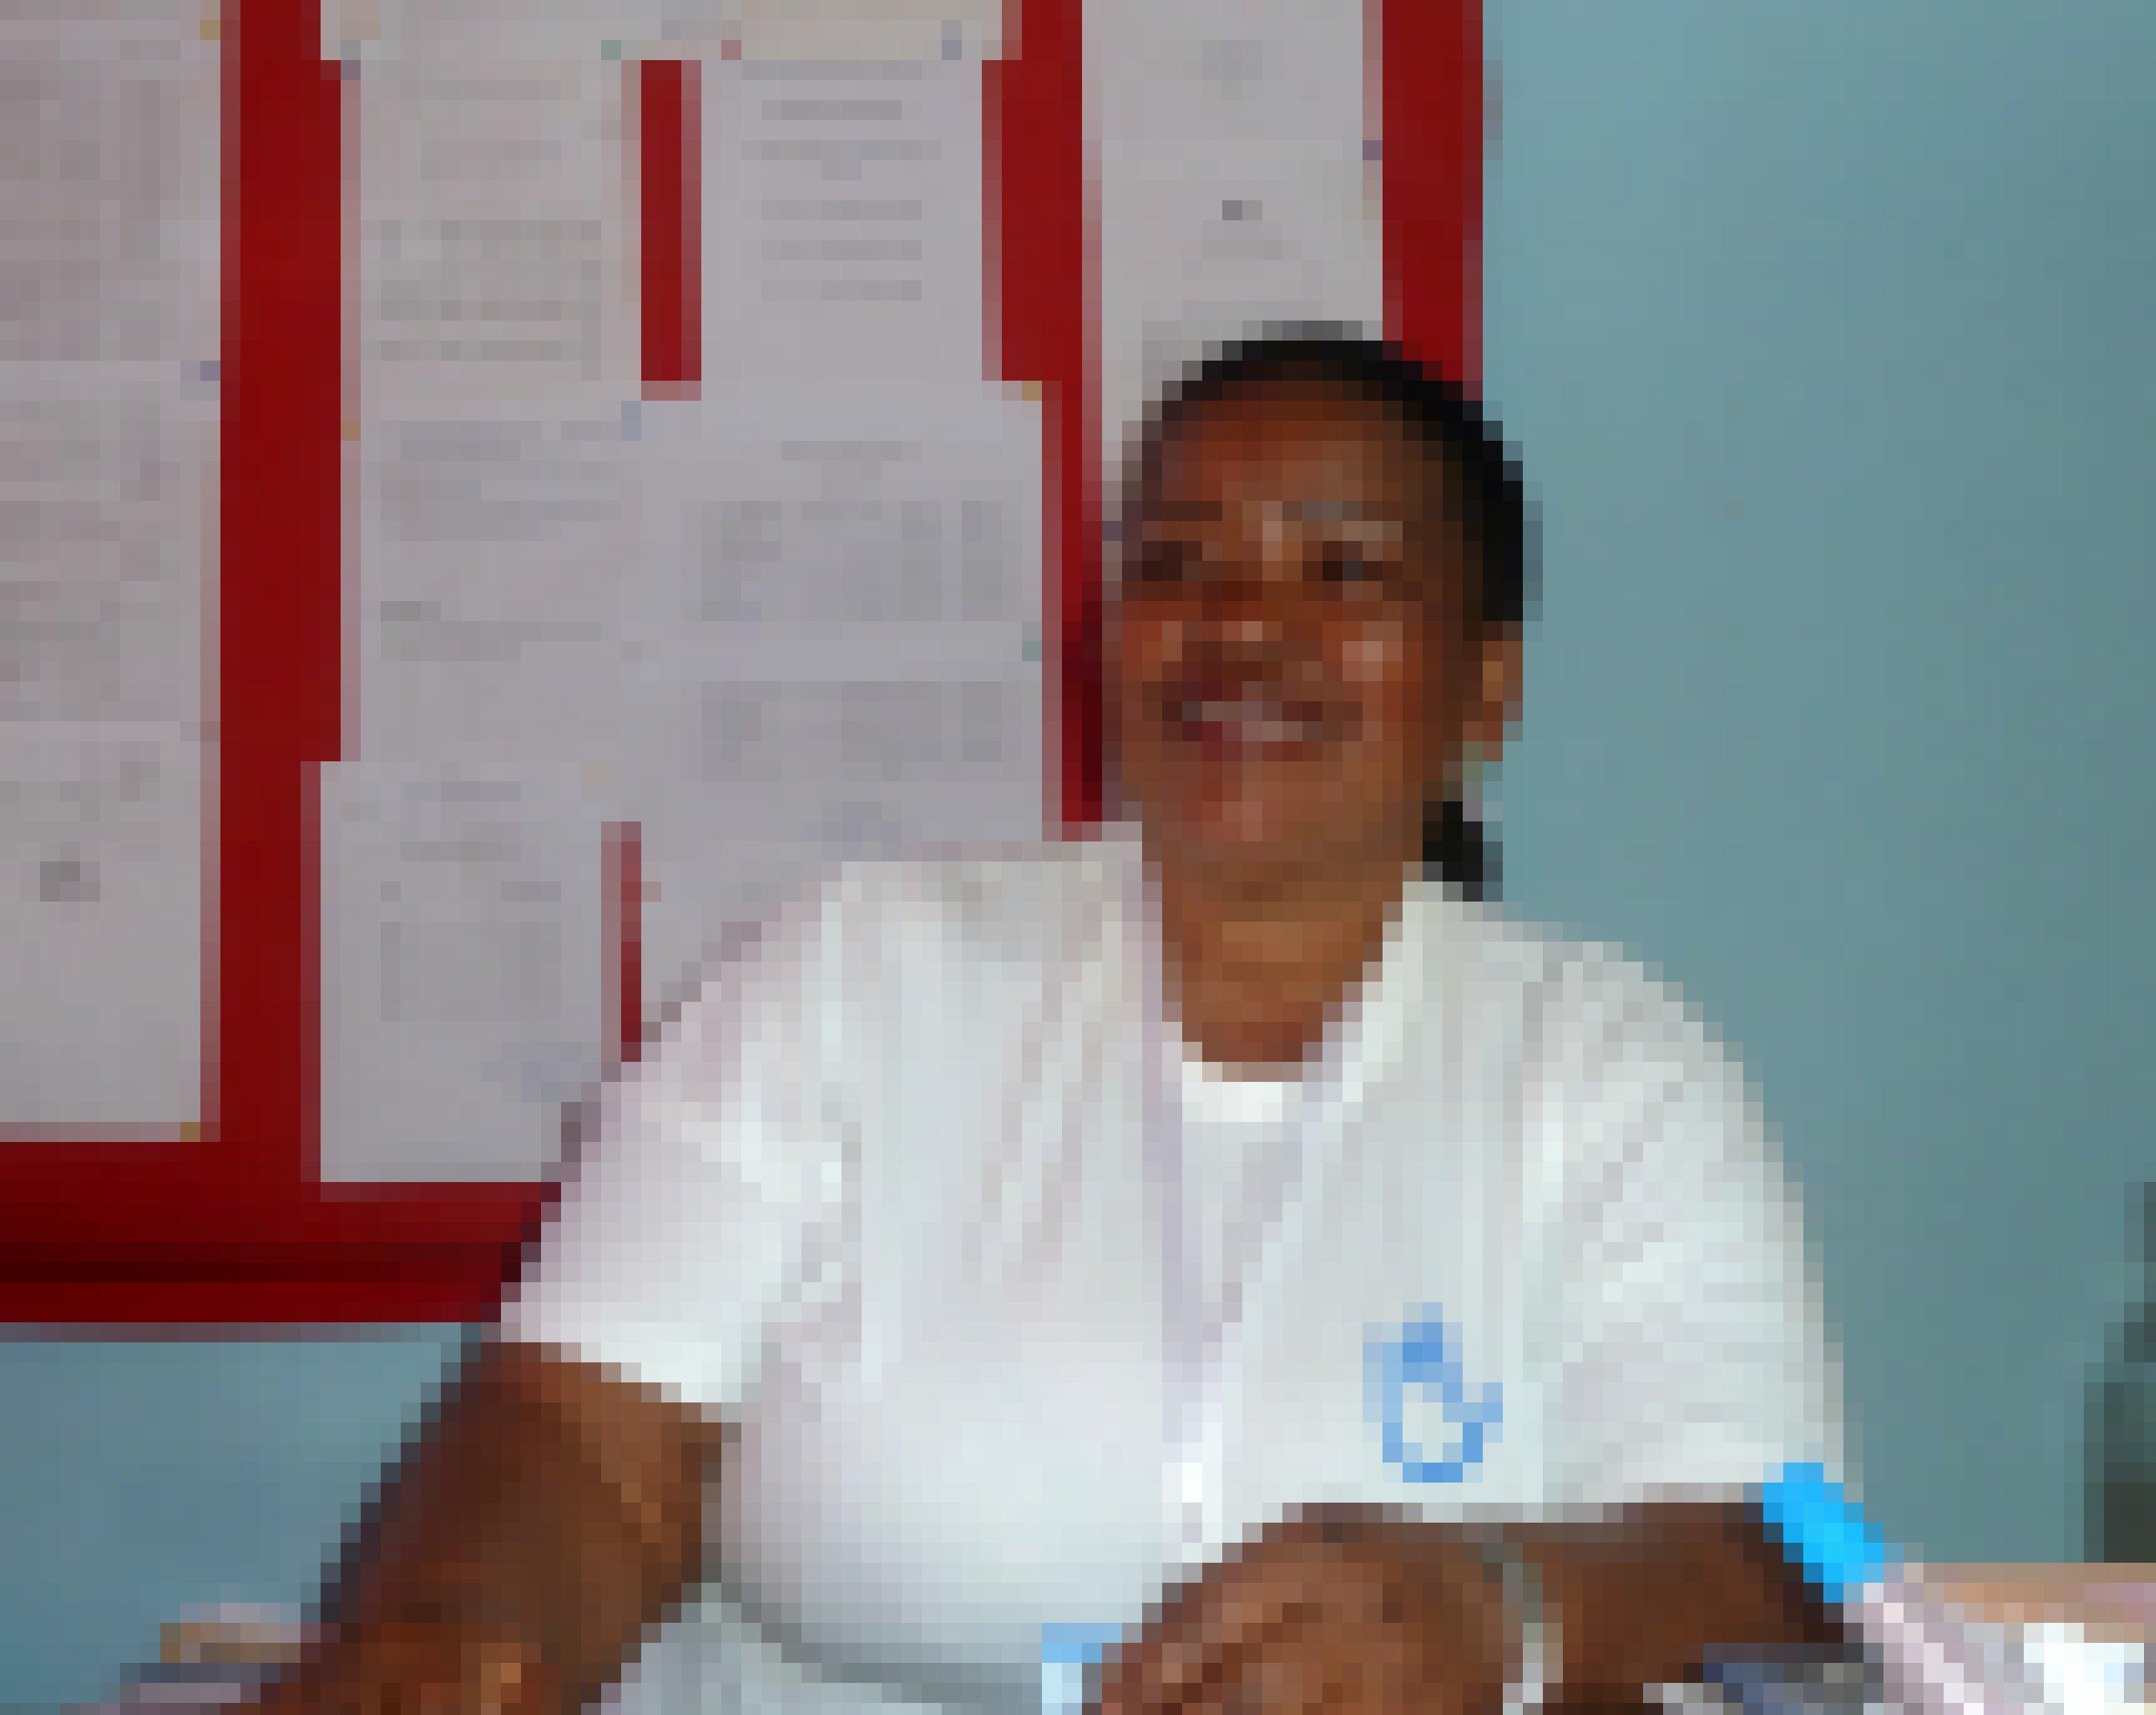 Schulleiterin Nelita Moises sitzt an ihrem Schreibtisch und lächelt herzlich in die Kamera